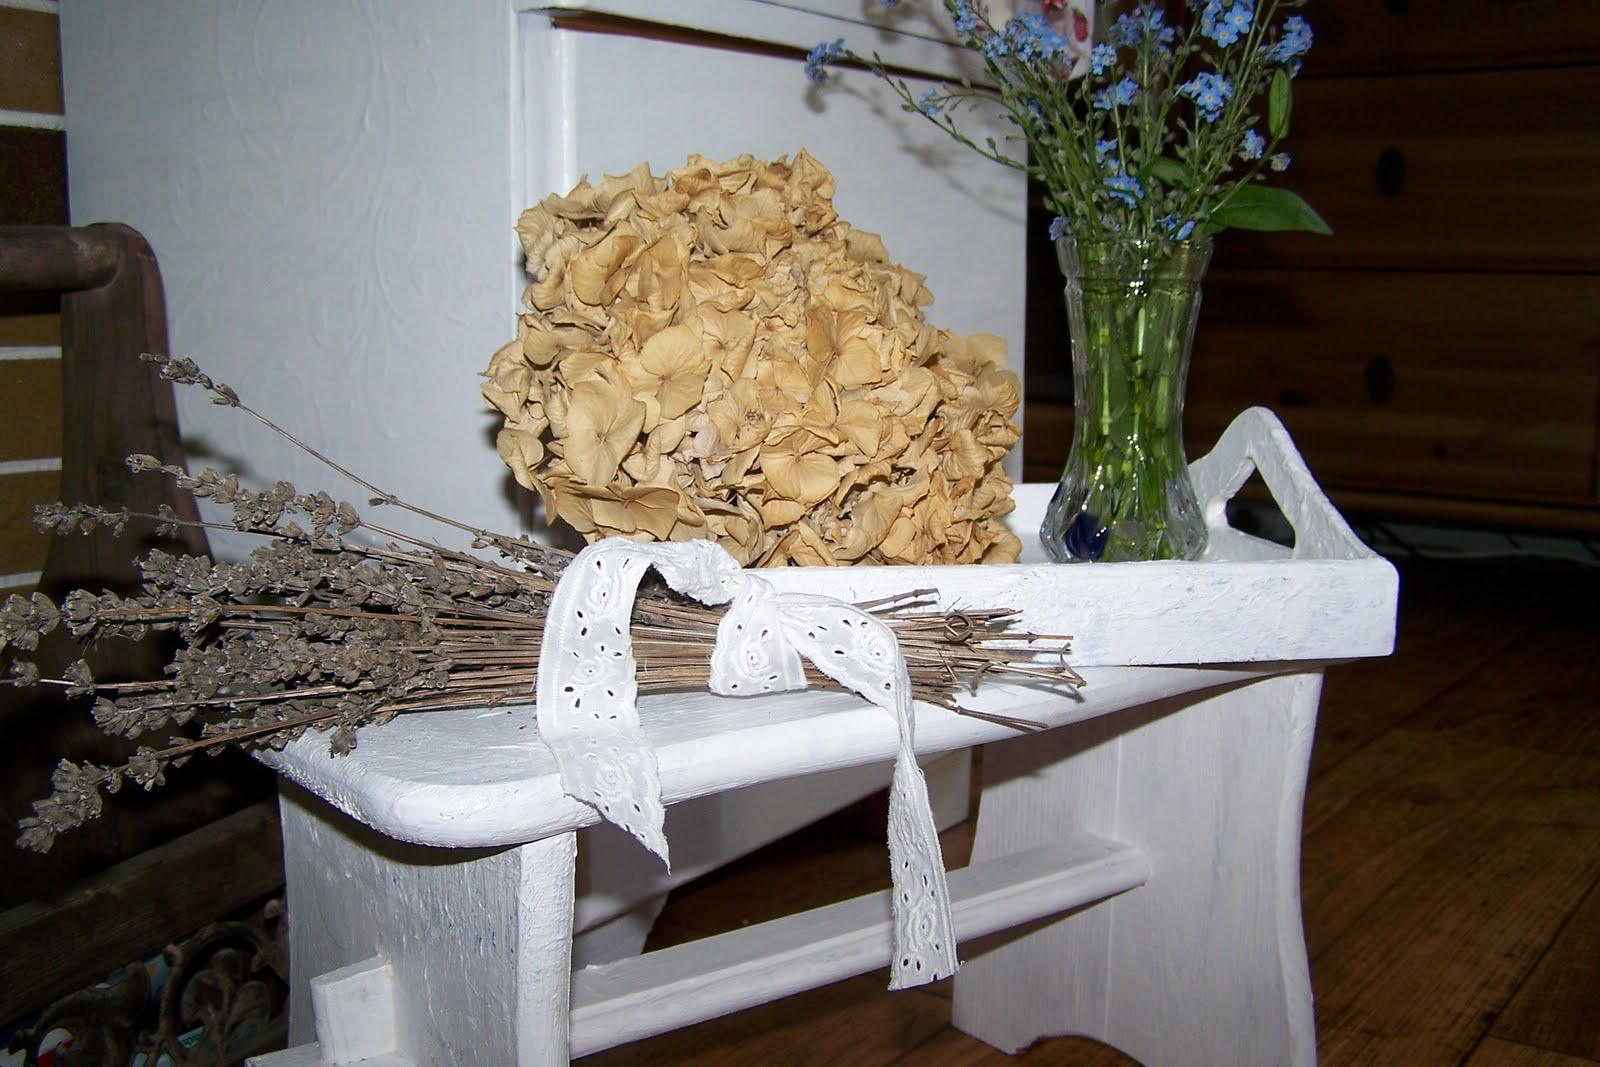 ide e nreich getrocknete hortensien. Black Bedroom Furniture Sets. Home Design Ideas